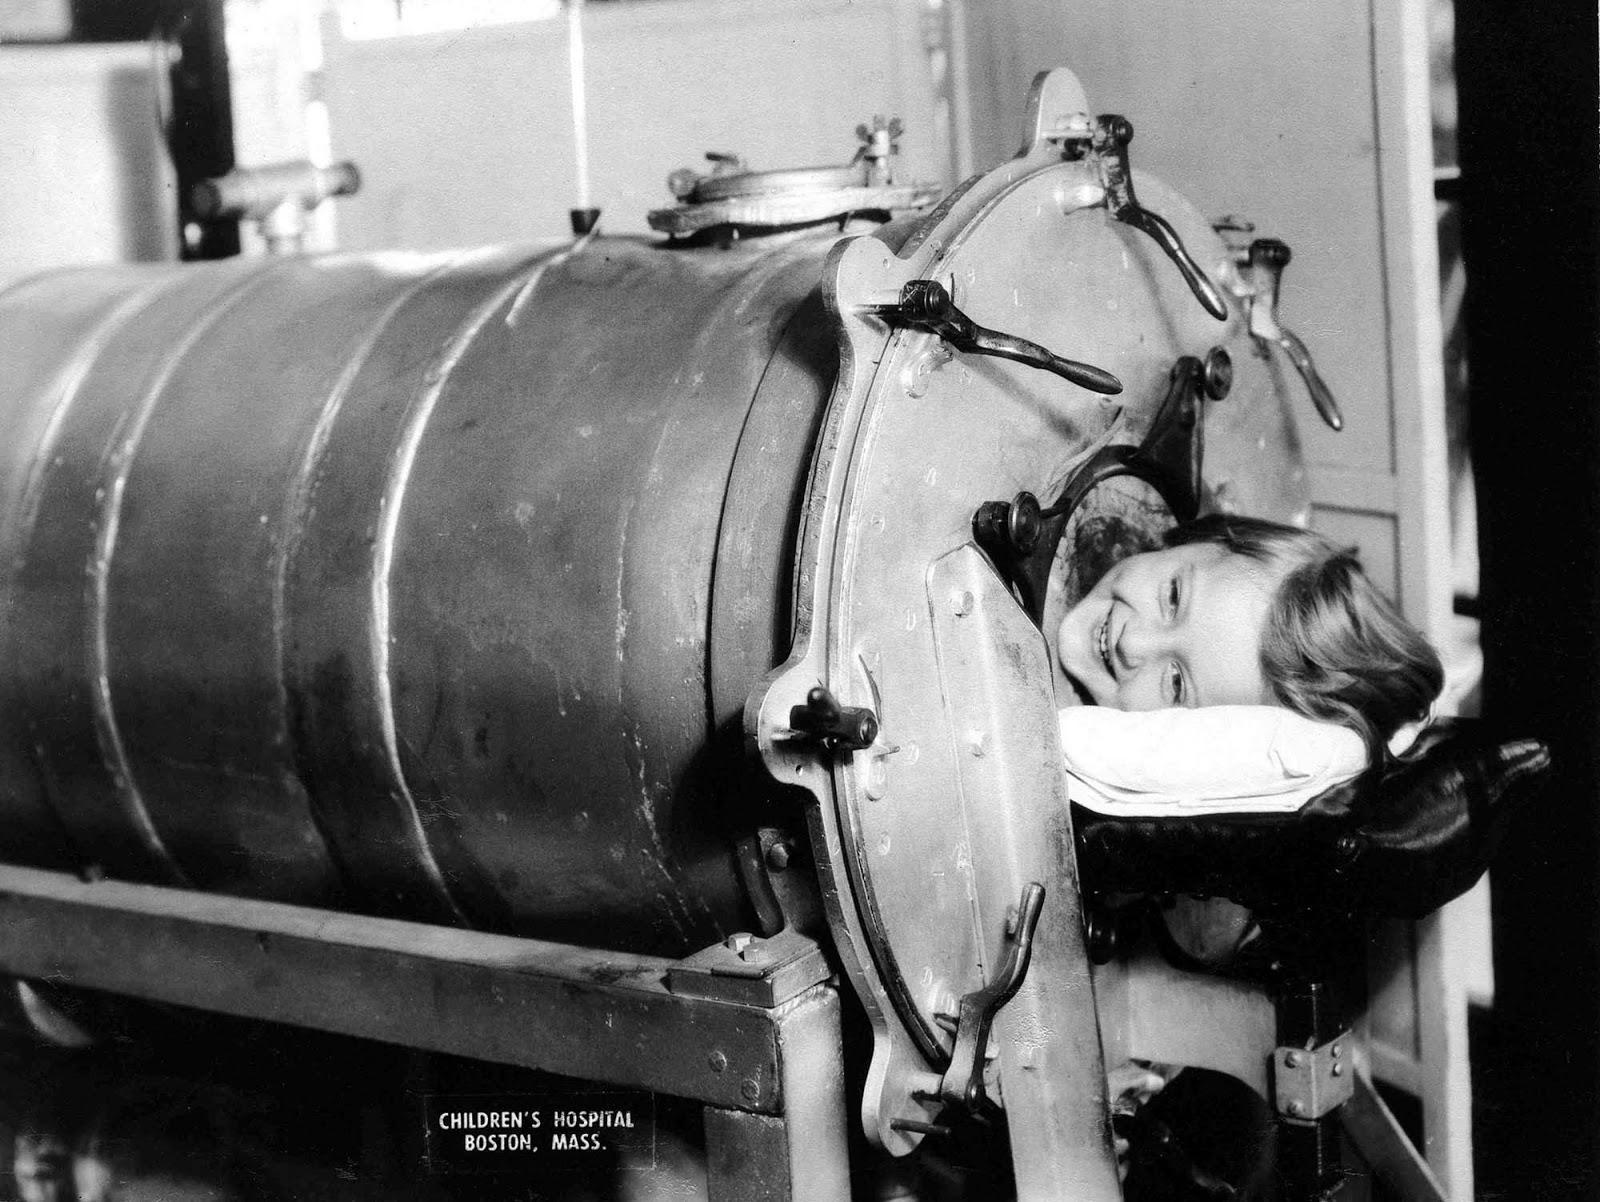 La poliomielitis (poliomielitis) afecta principalmente a niños menores de 5 años.